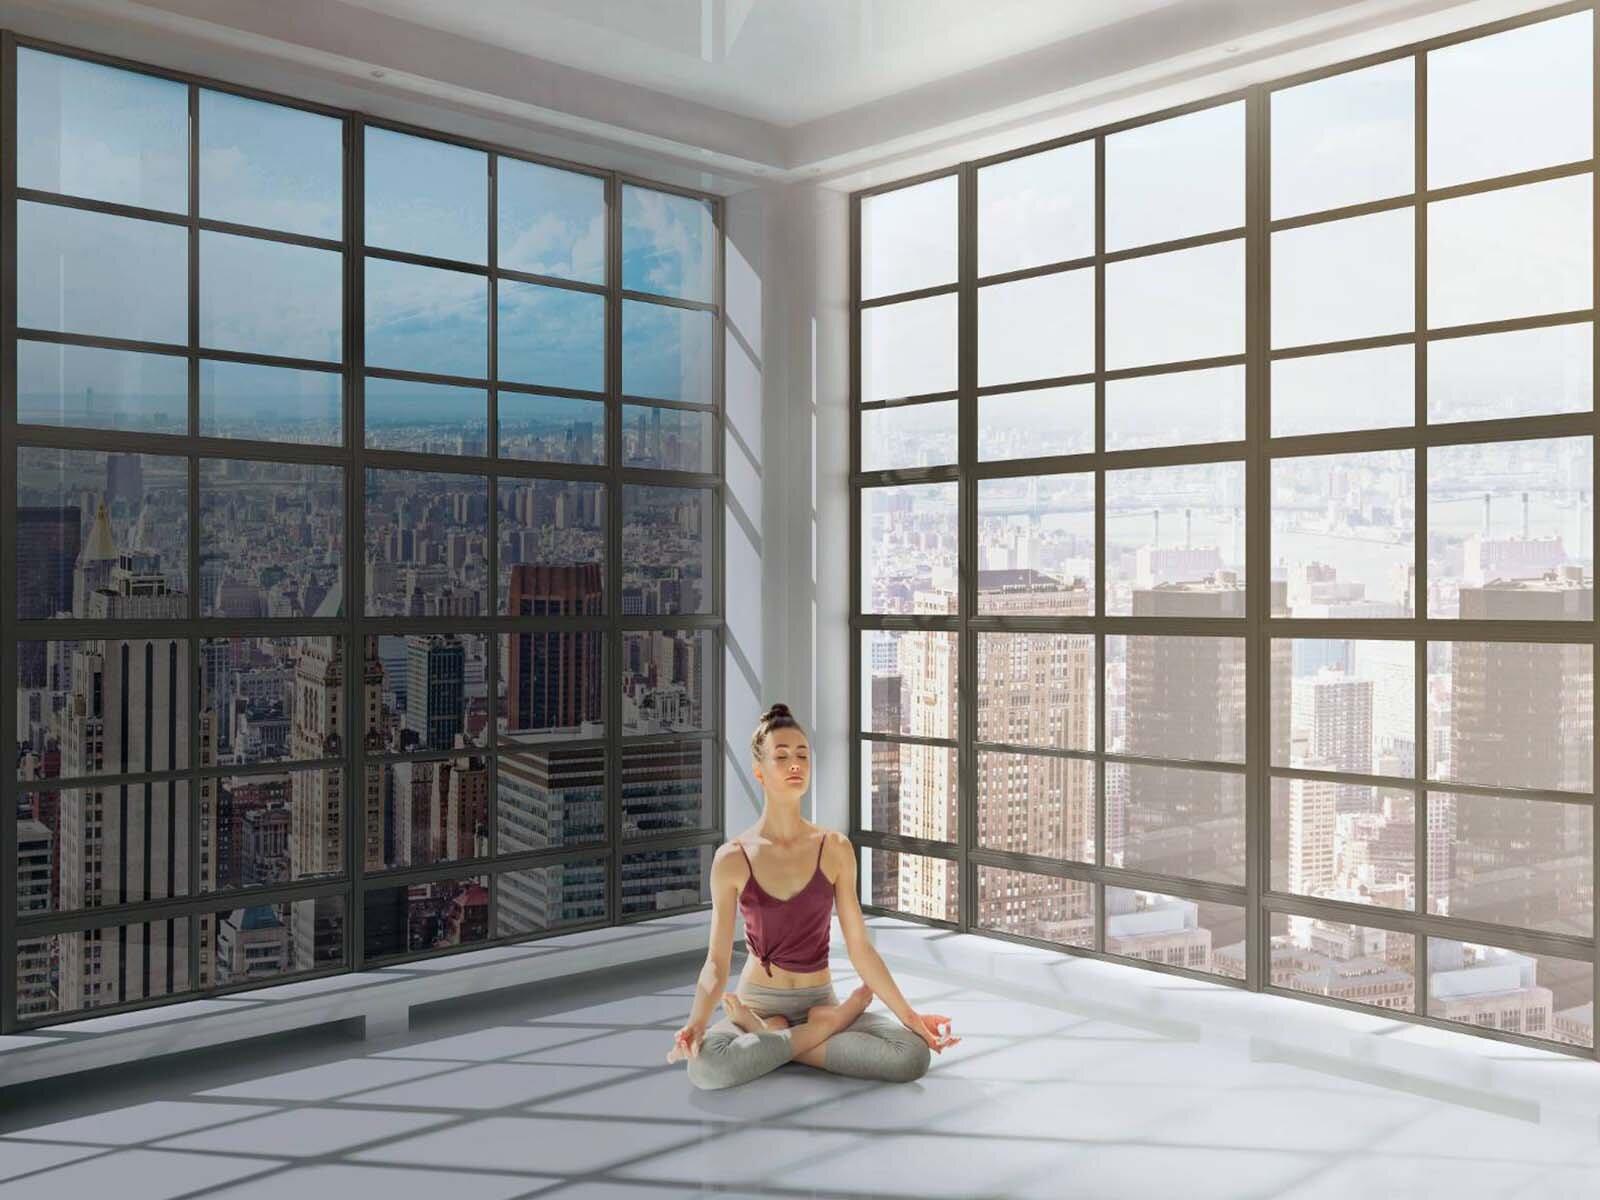 Производство умных стеклянных окон набирает обороты